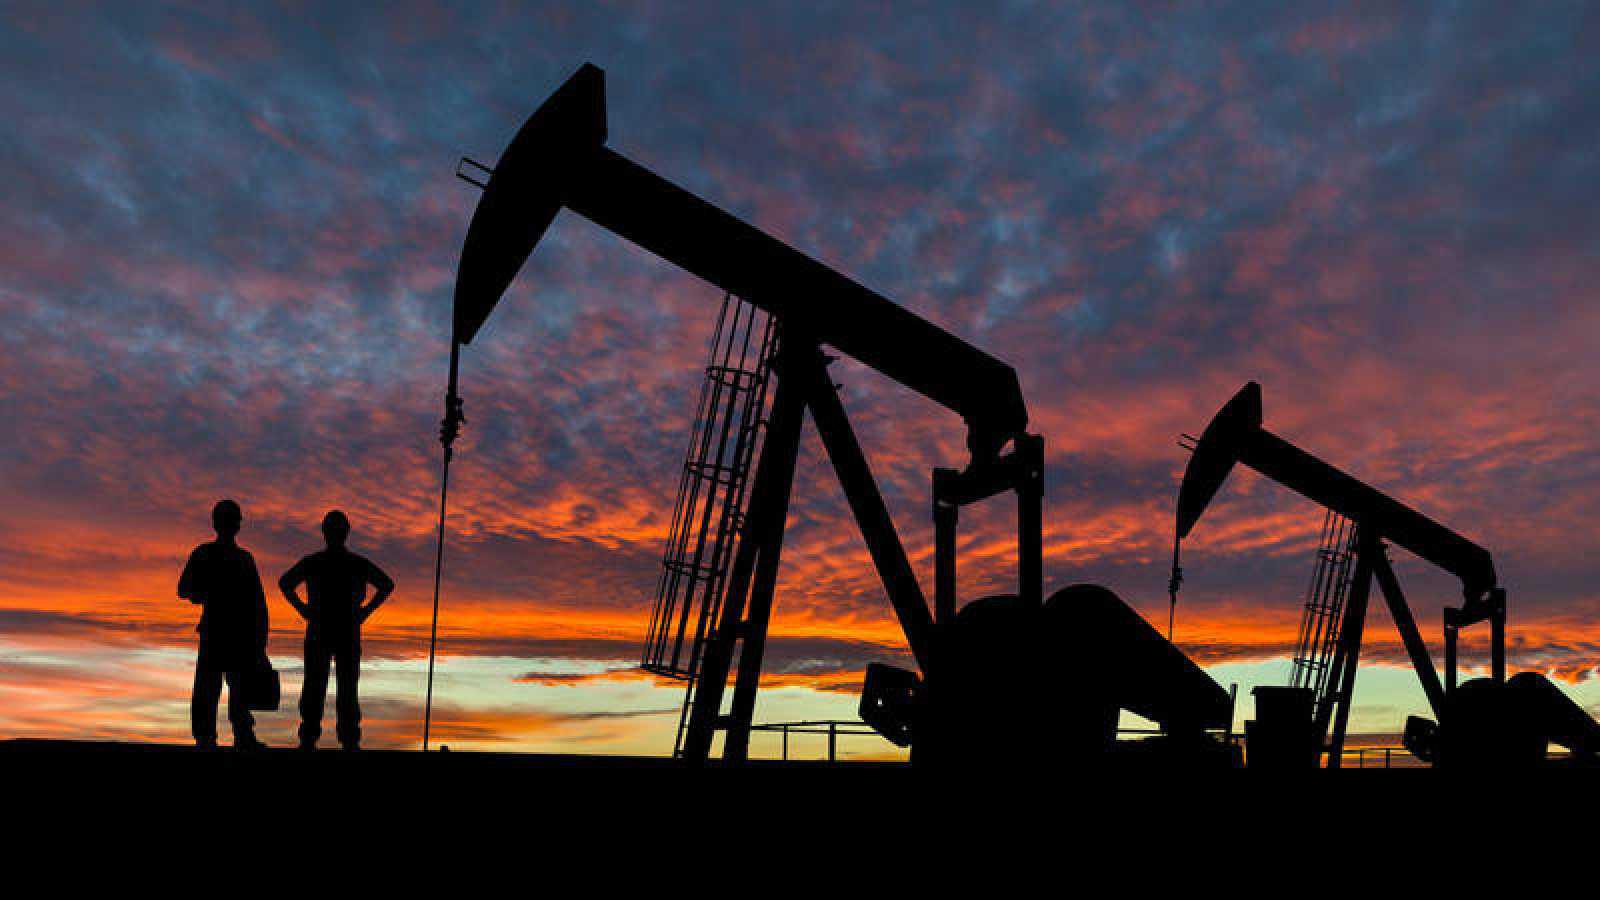 Giá xăng dầu hôm nay 14/2: OPEC ngập ngừng, nhiên liệu yên giá - Ảnh 1.